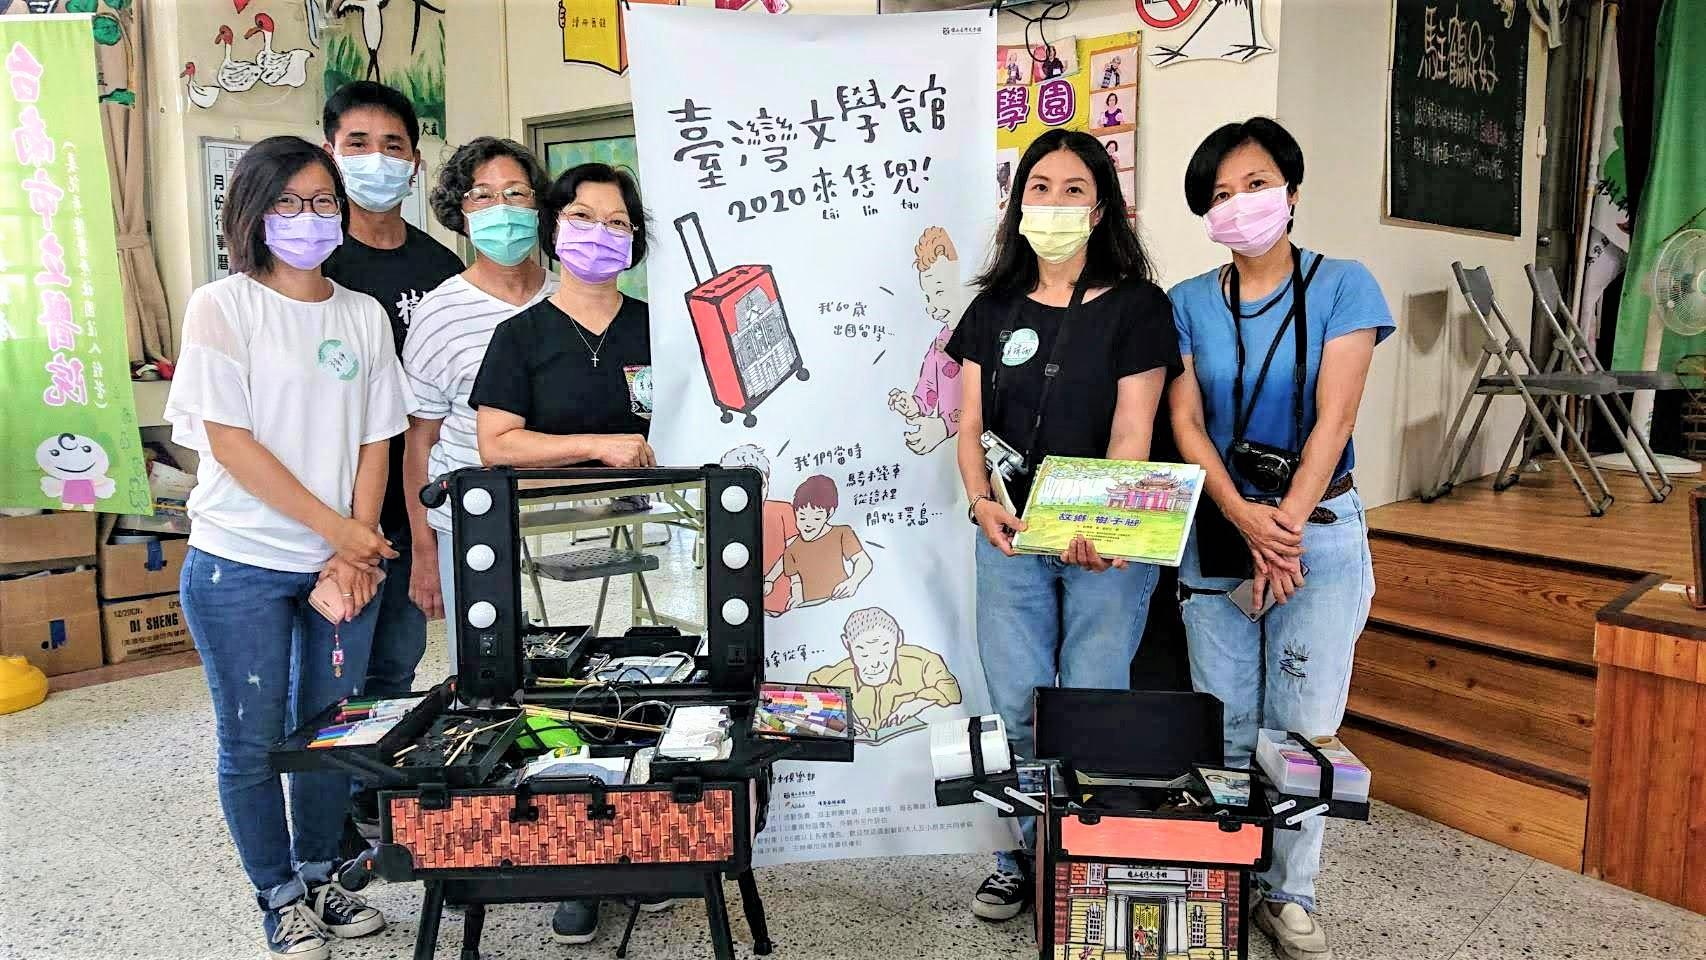 游藝|國立臺灣文學館開發「創齡資源箱」  走進社區  激發長者創造力